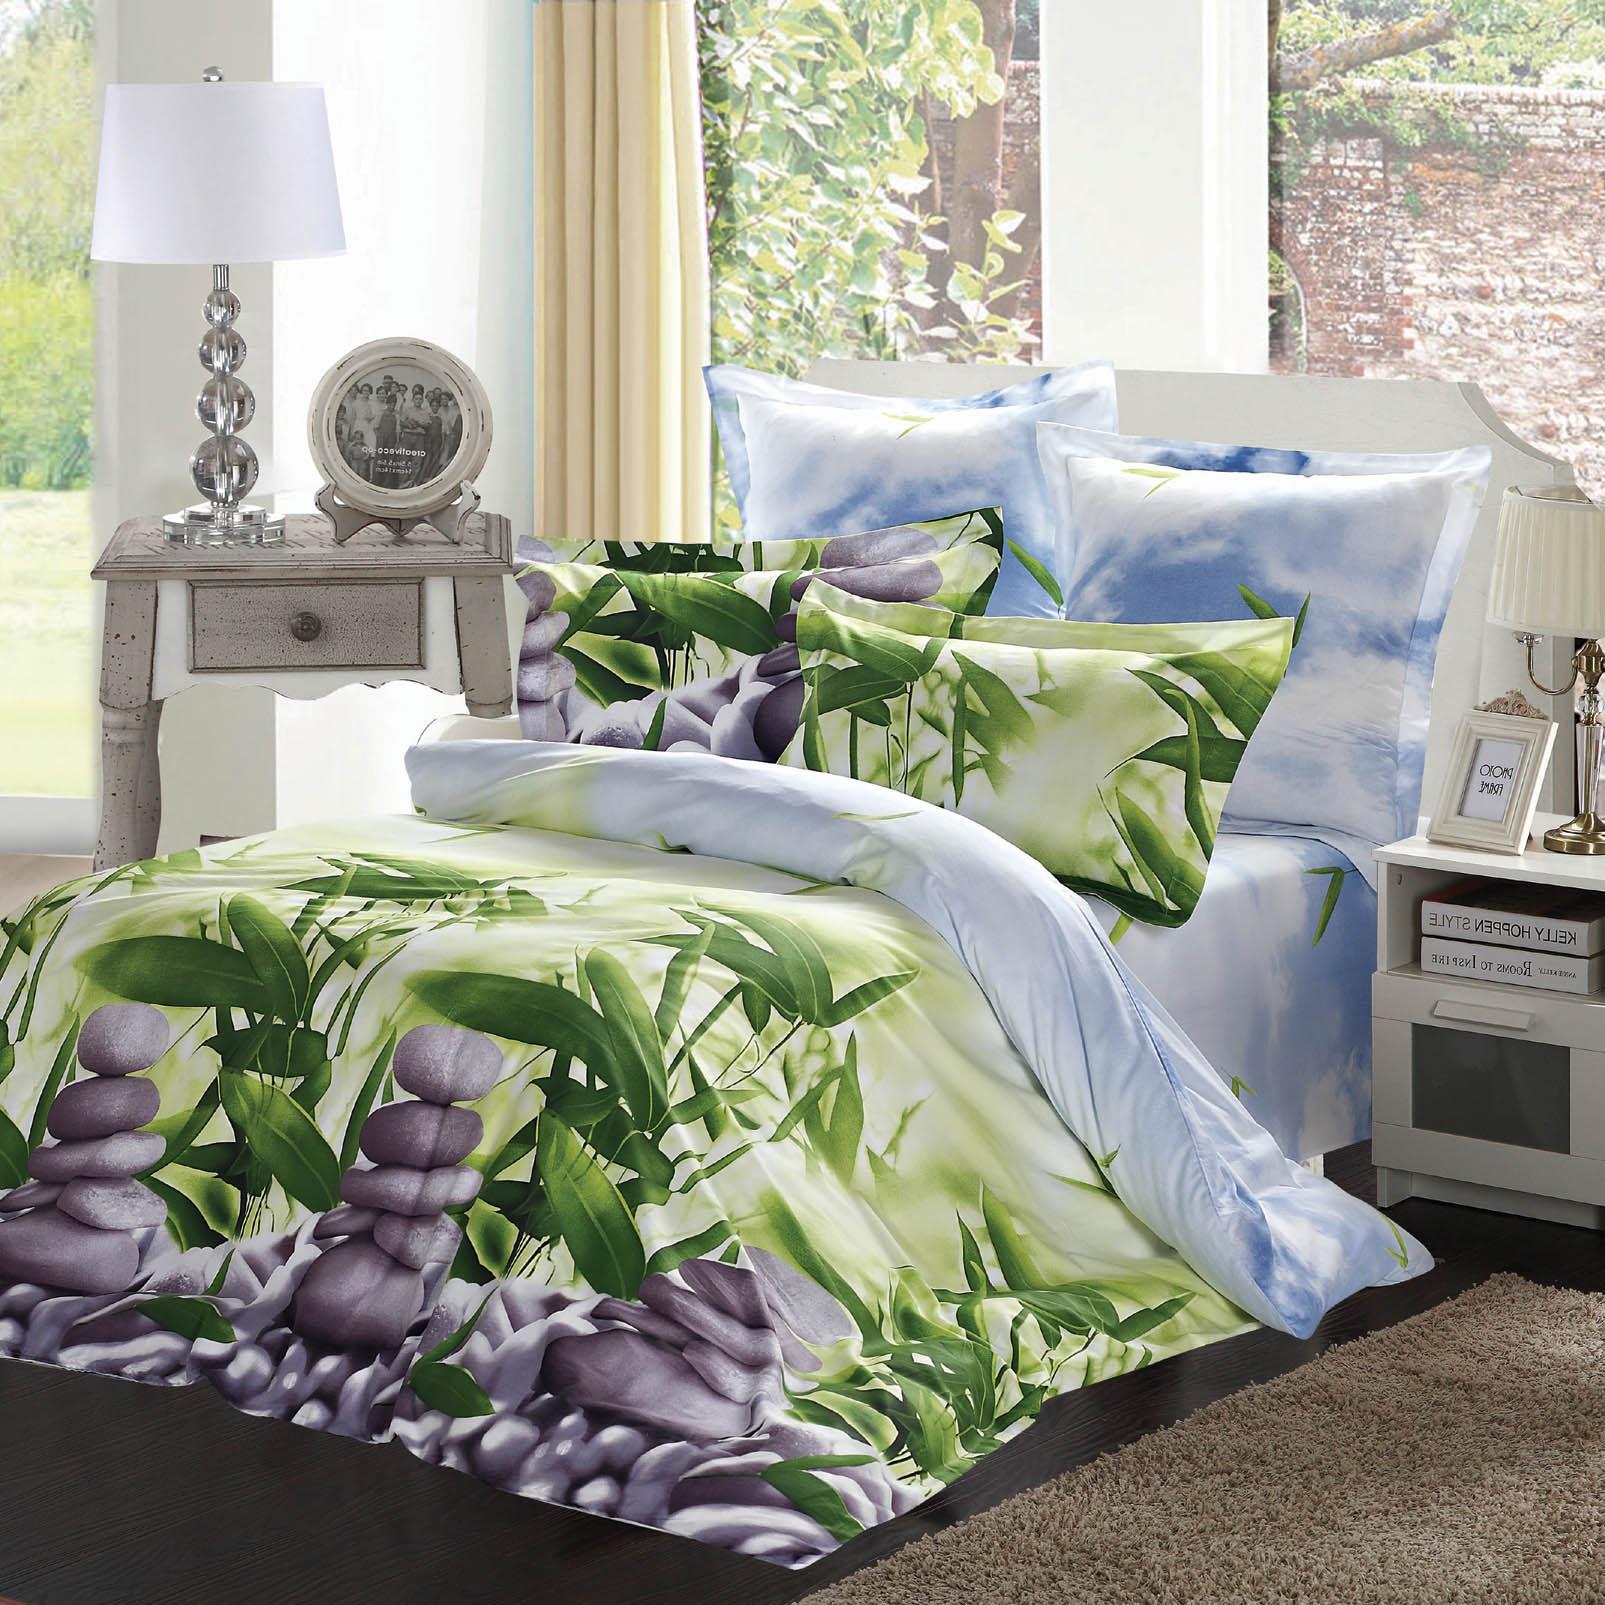 Купить Комплекты постельного белья СайлиД, Постельное белье Benet B-148 (2 сп. евро), Китай, Голубой, Зеленый, Хлопковый сатин